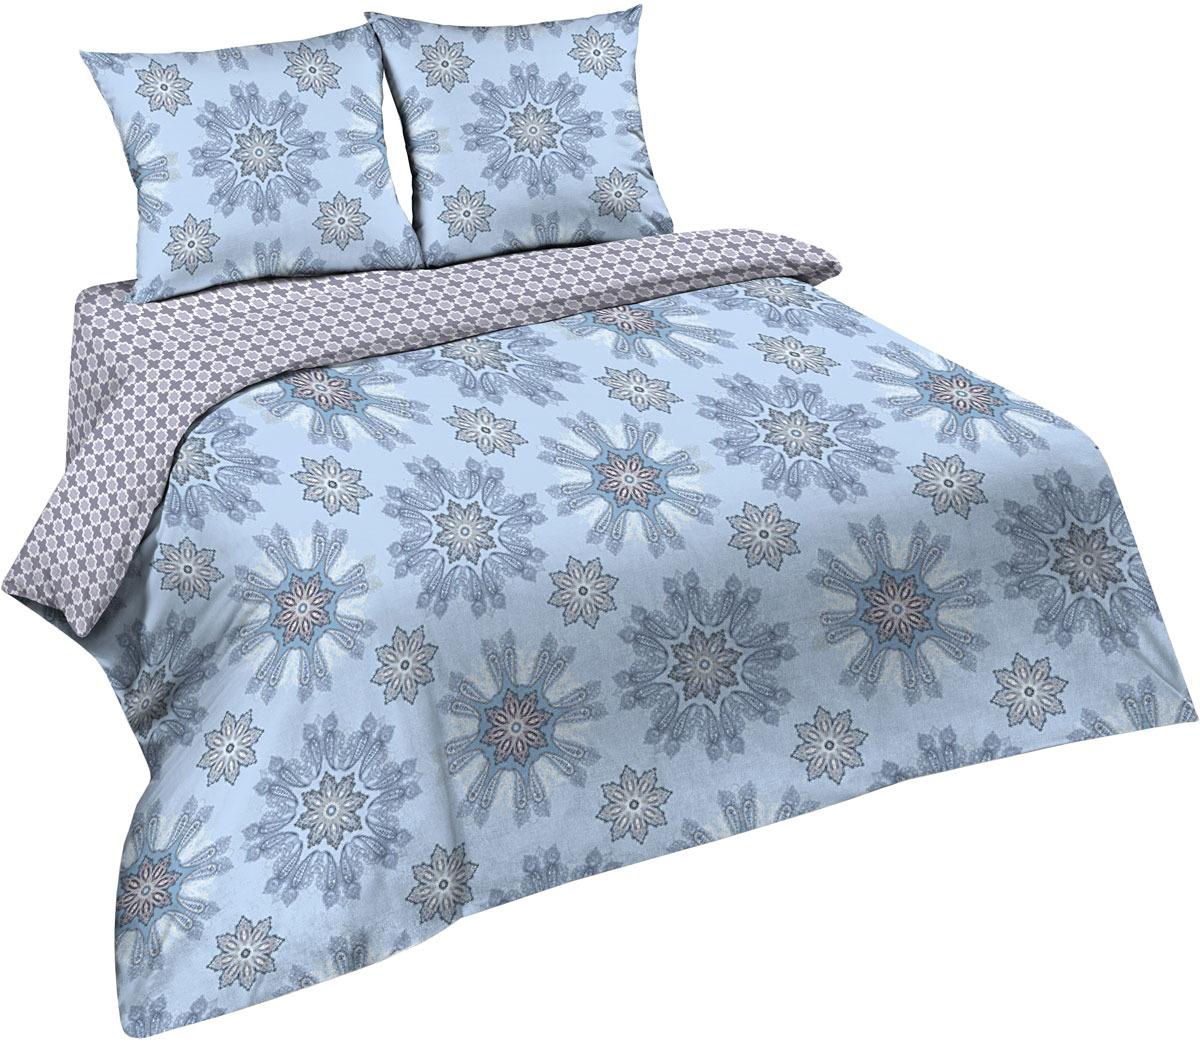 Комплект постельного белья Павлина Простые вещи, 1,5 спальный, наволочки 70x70, цвет: голубой александр вин простые очень простые вещи